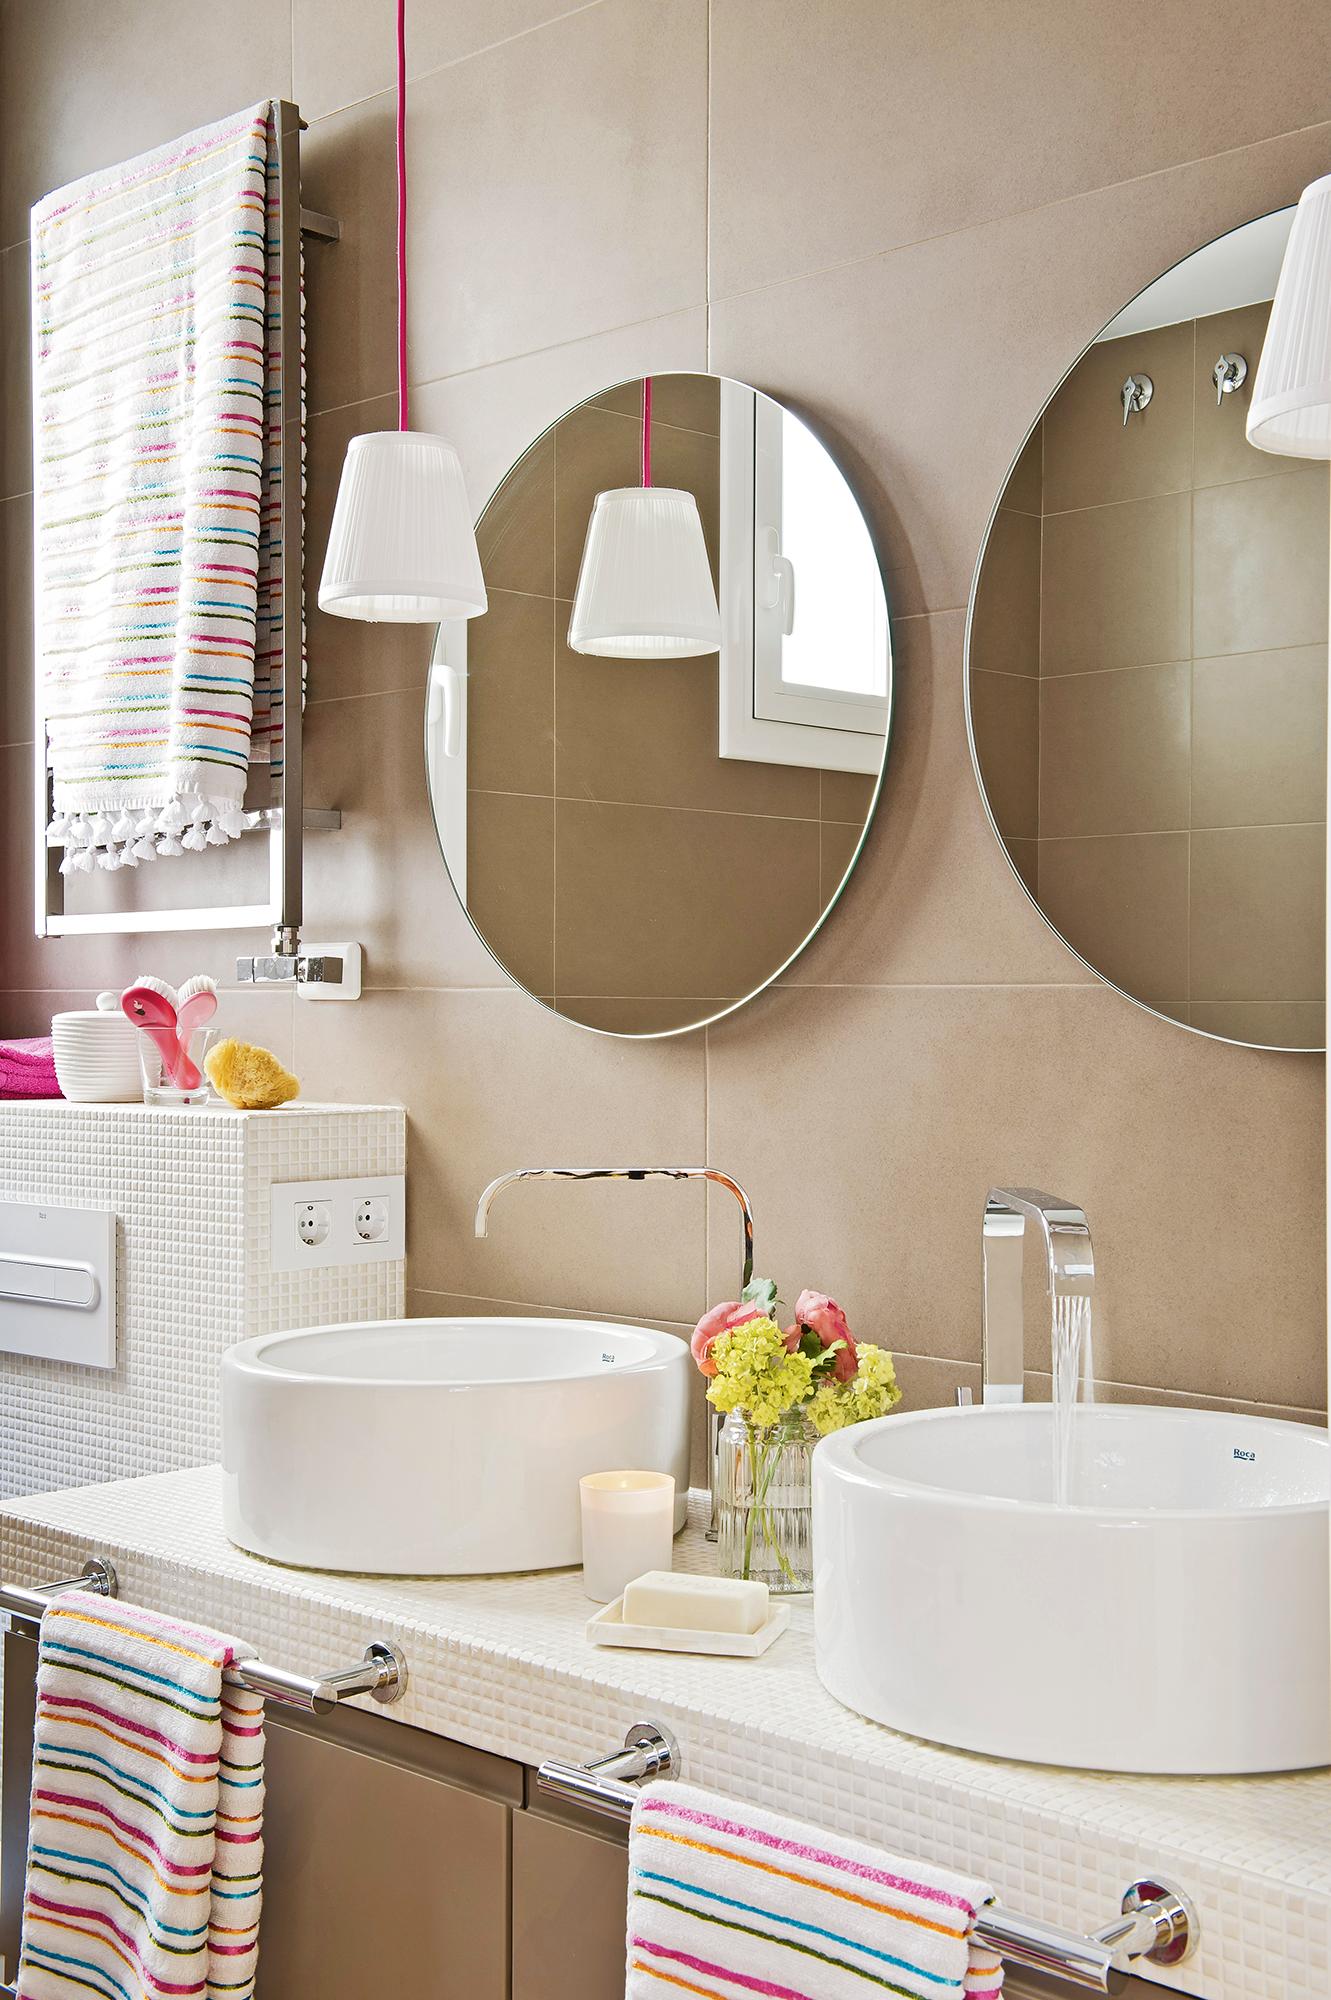 Qué baldosas funcionan mejor en baños pequeños